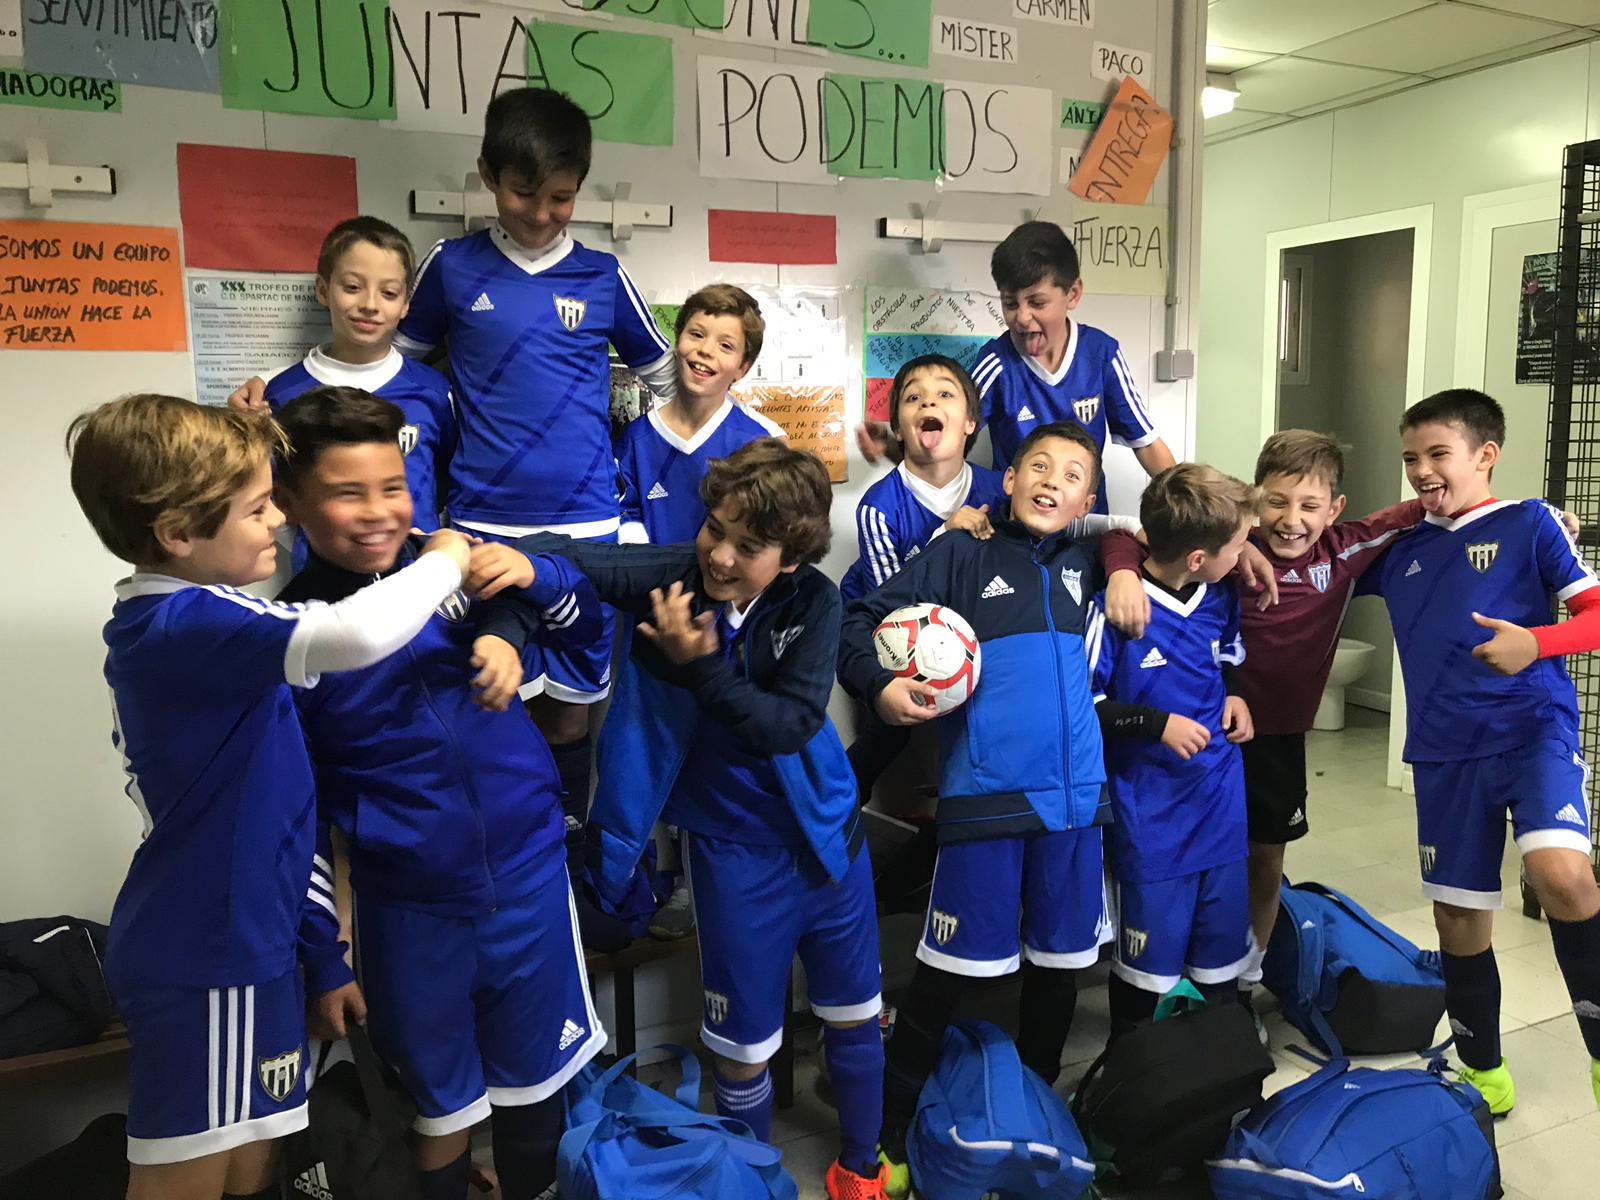 Fútbol en el CANI, un deporte que se siente y se disfruta